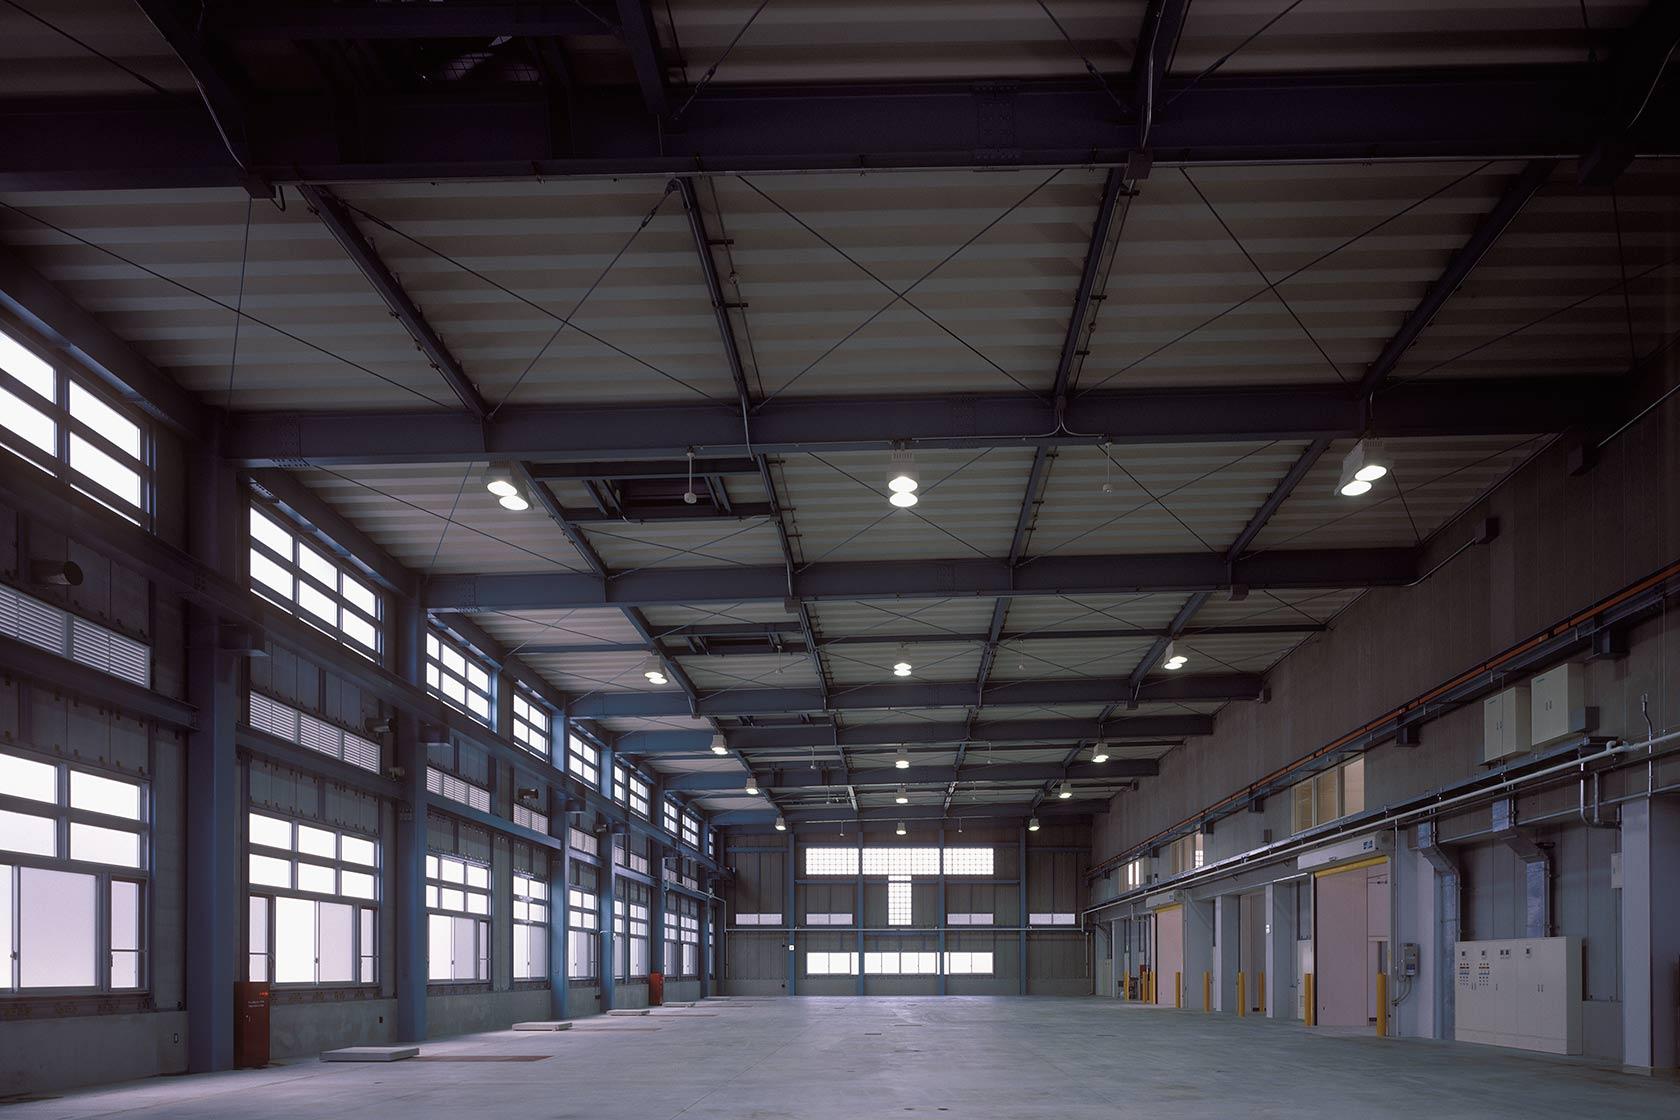 テラダイ4-機械が設置される前のダイカスト作業室内観